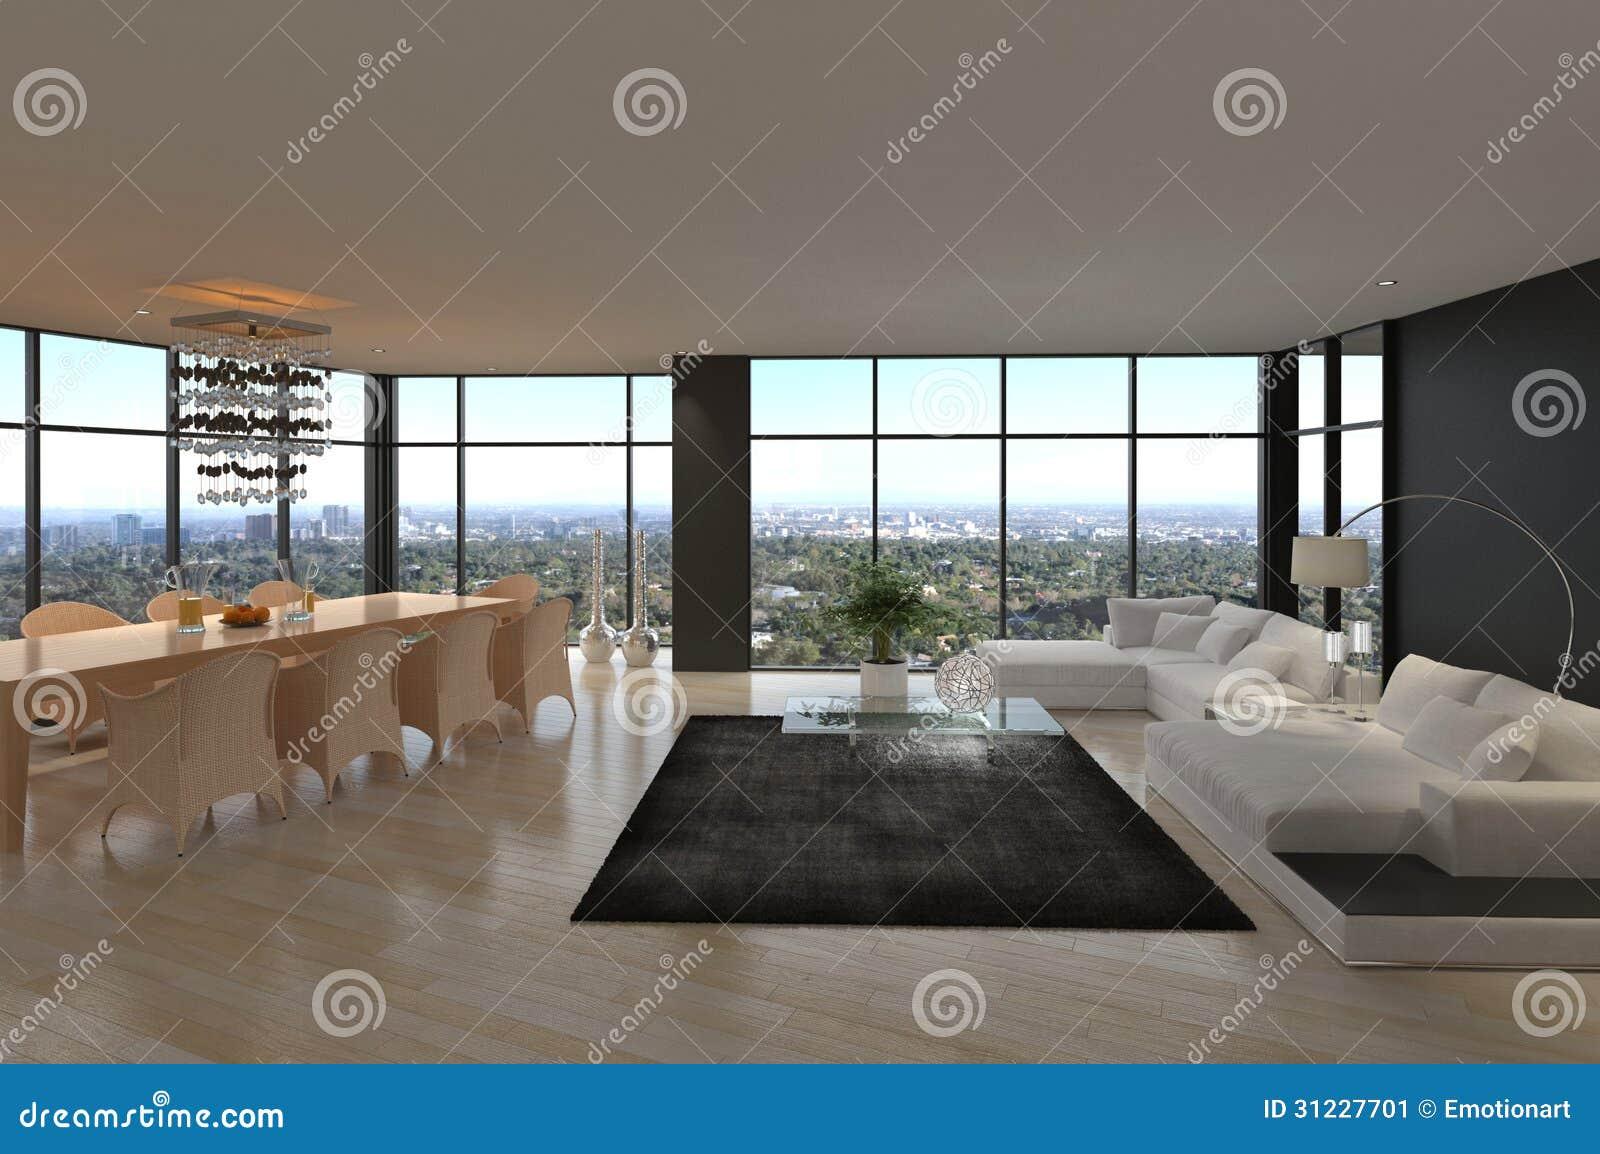 Ehrfürchtiges Modernes Dachboden-Wohnzimmer | Architektur-Innenraum ...